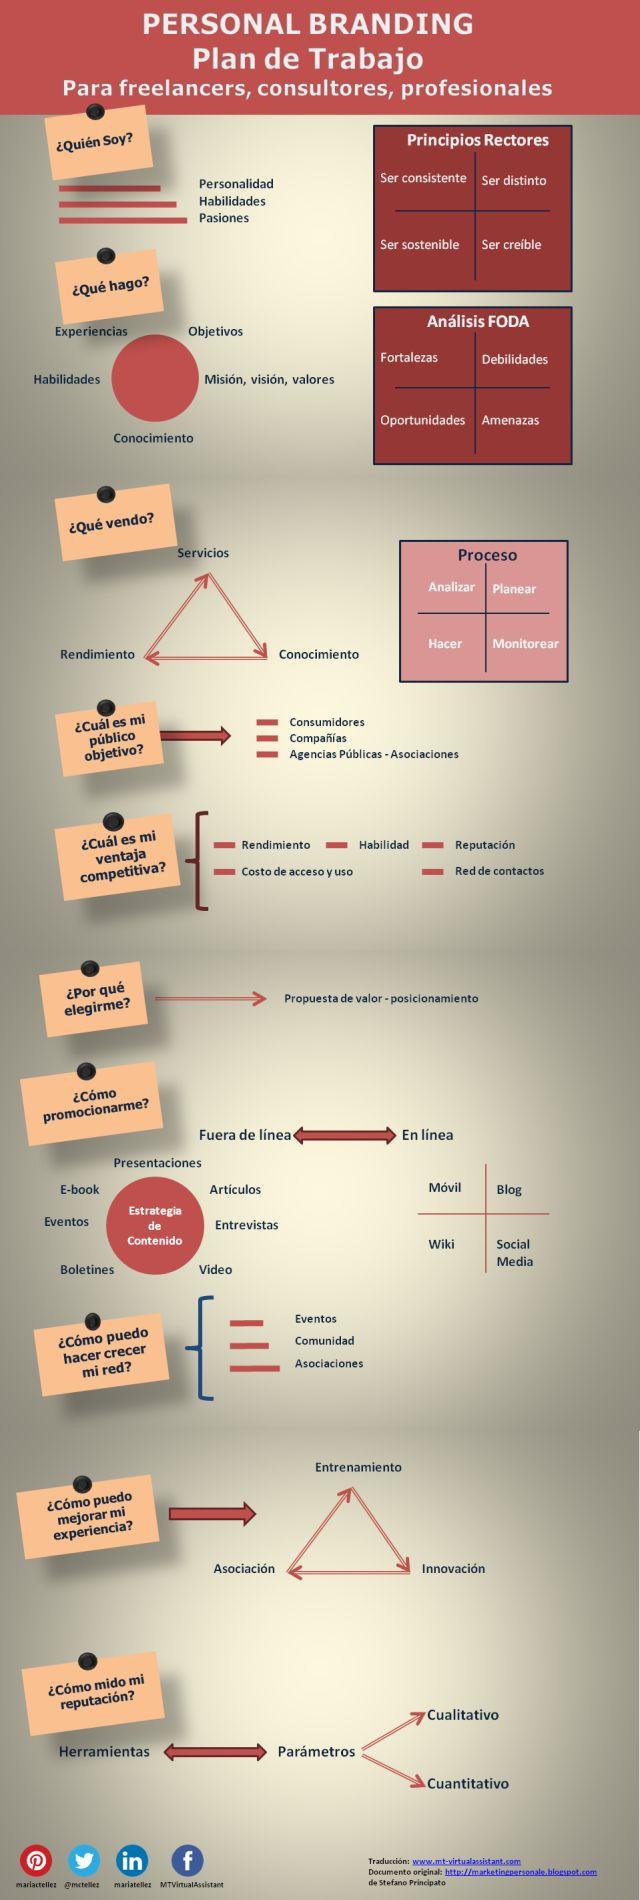 Plan de Trabajo para el Personal Branding. #MarcaPersonal #PersonalBranding